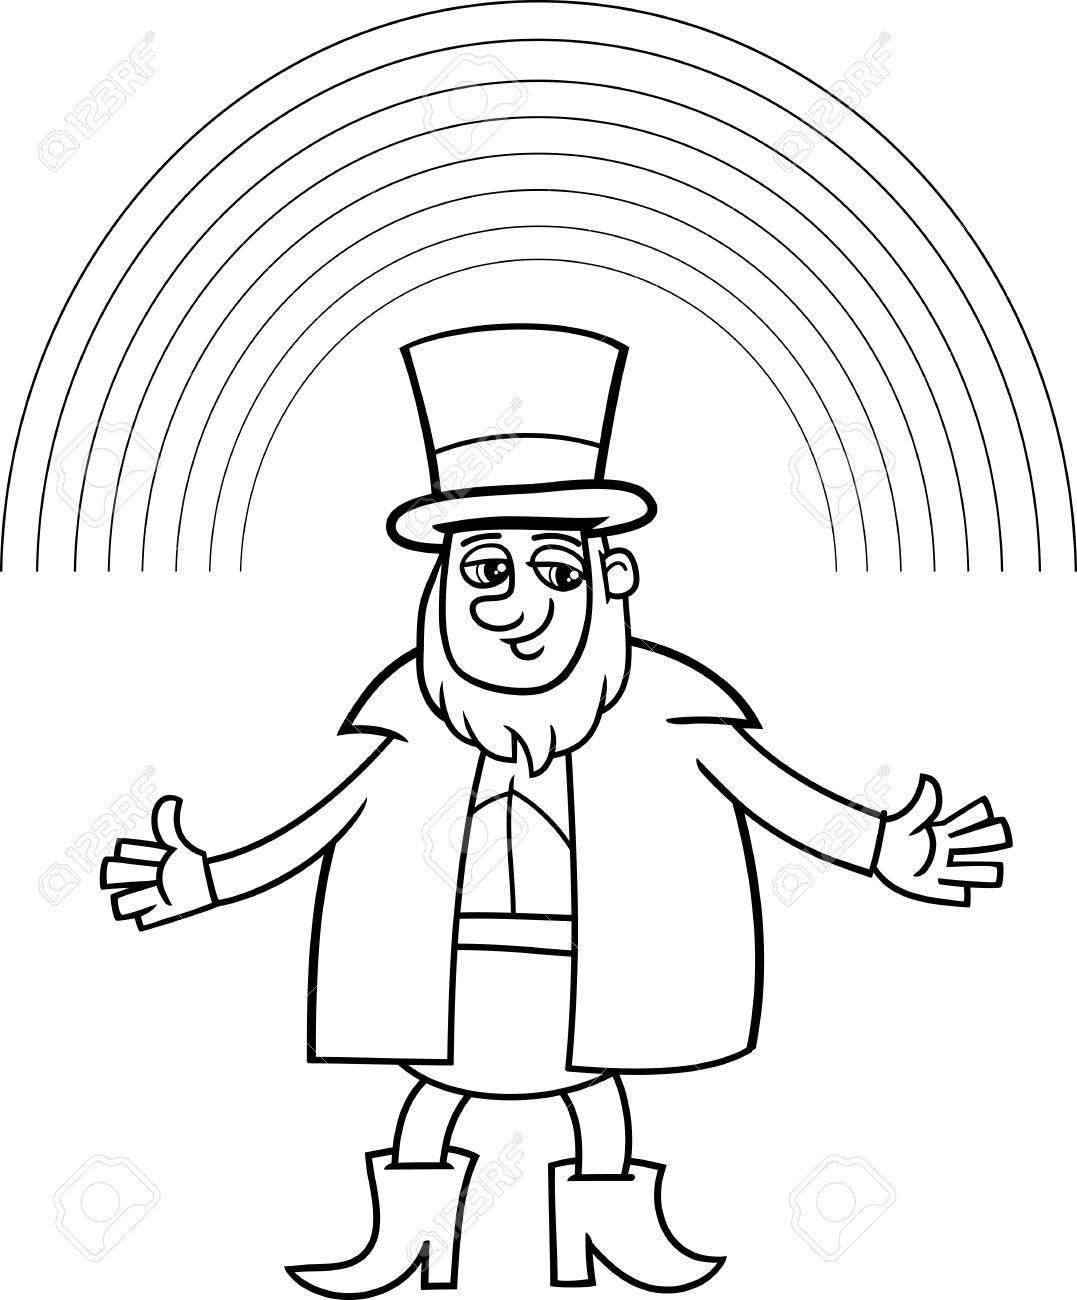 Ilustración De Dibujos Animados Blanco Y Negro Del Leprechaun Con El ...